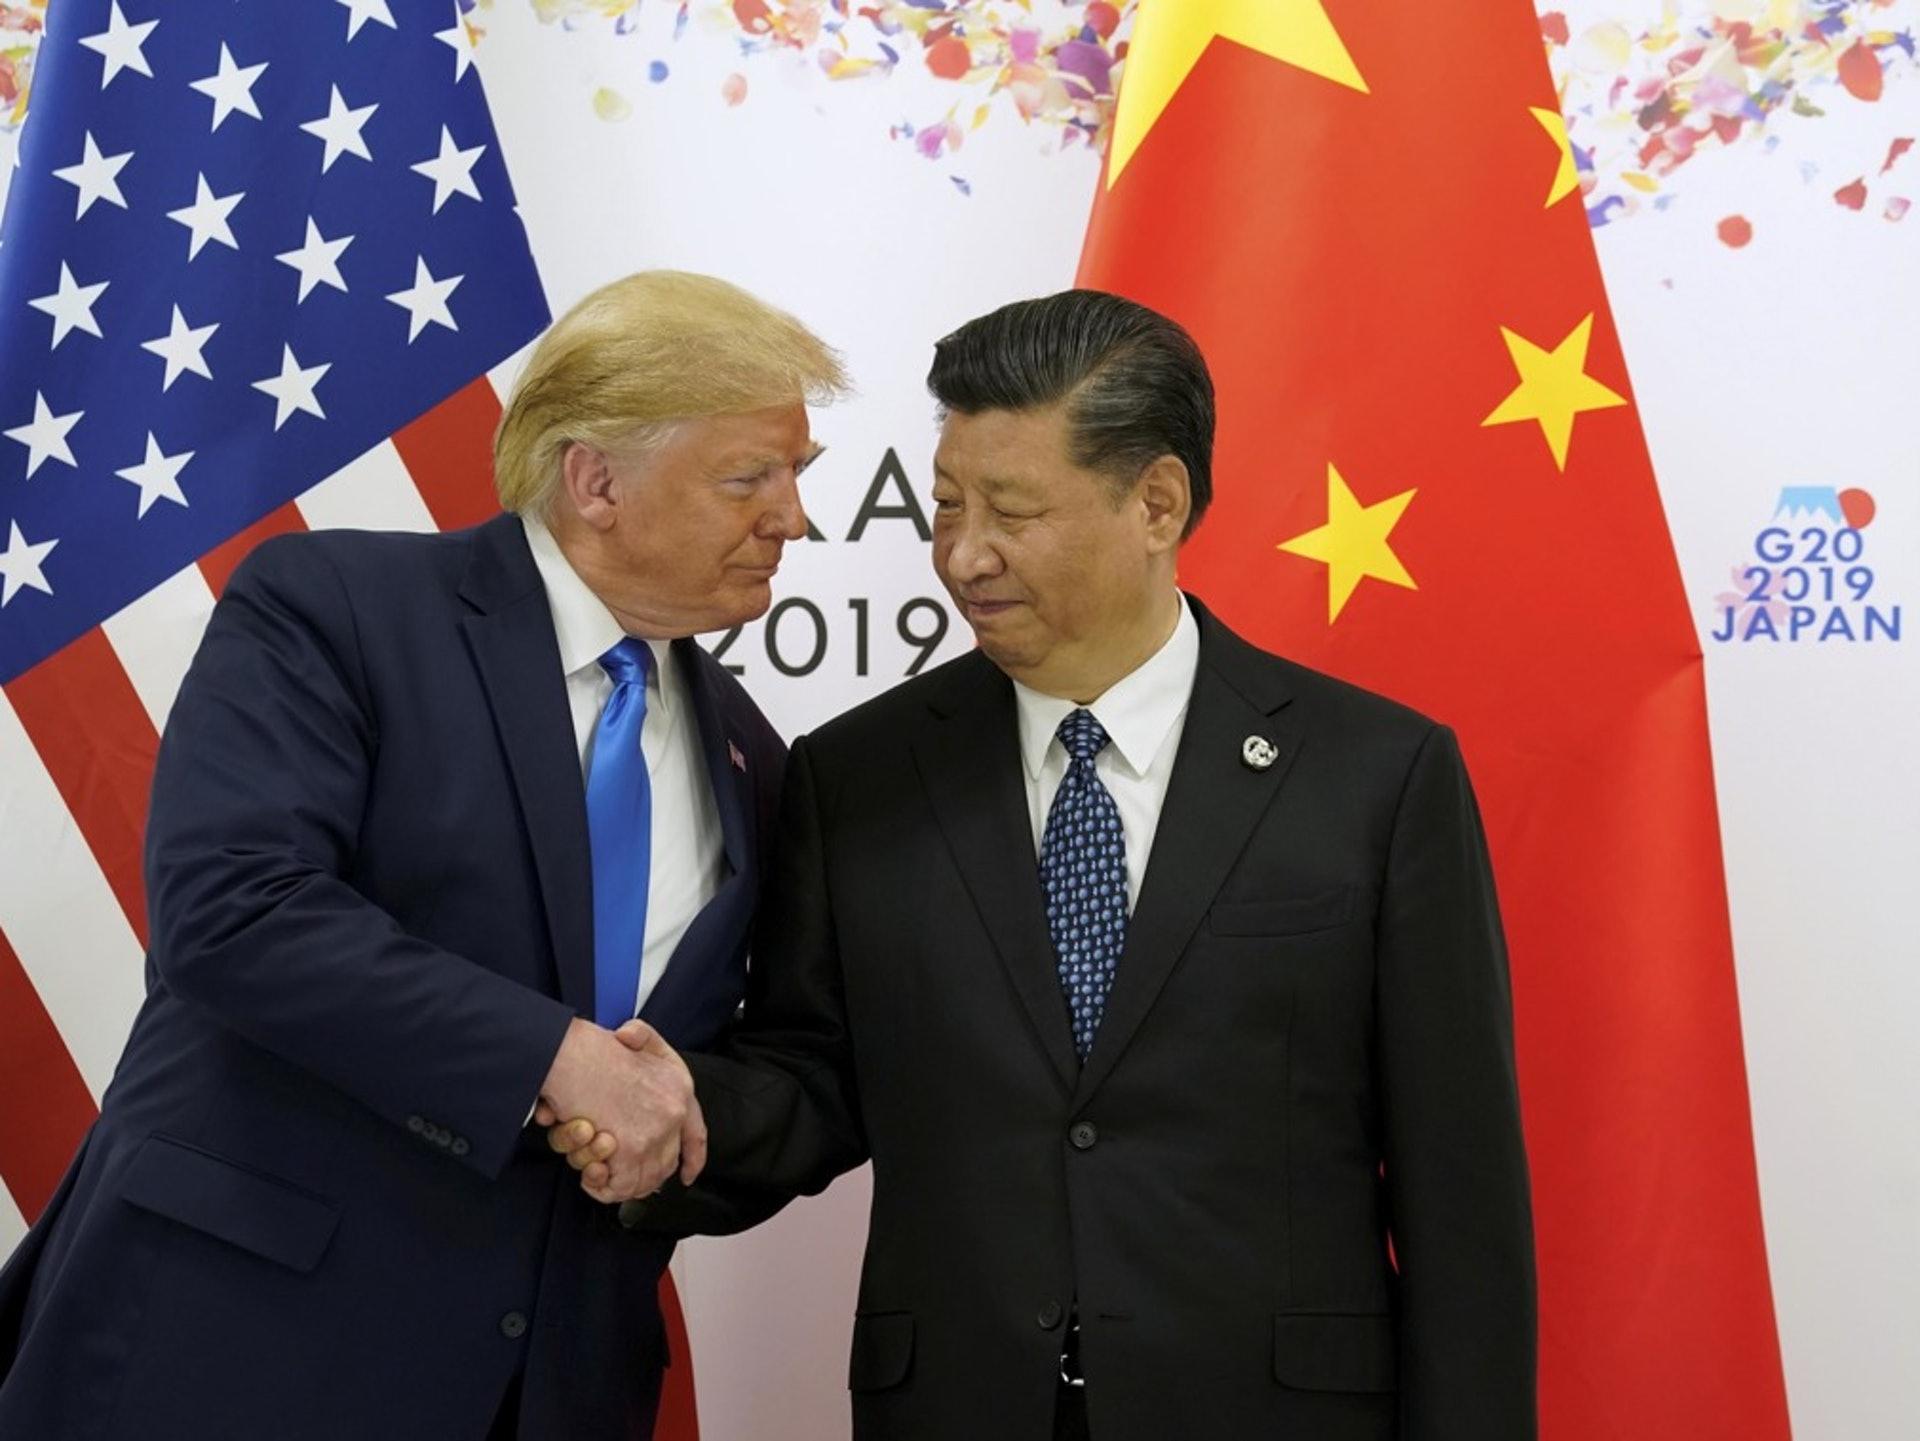 特朗普為突出協議的重要性,此前甚至還多次表示,要和中國國家主席習近平一起簽署第一階段的協議。(Reuters)